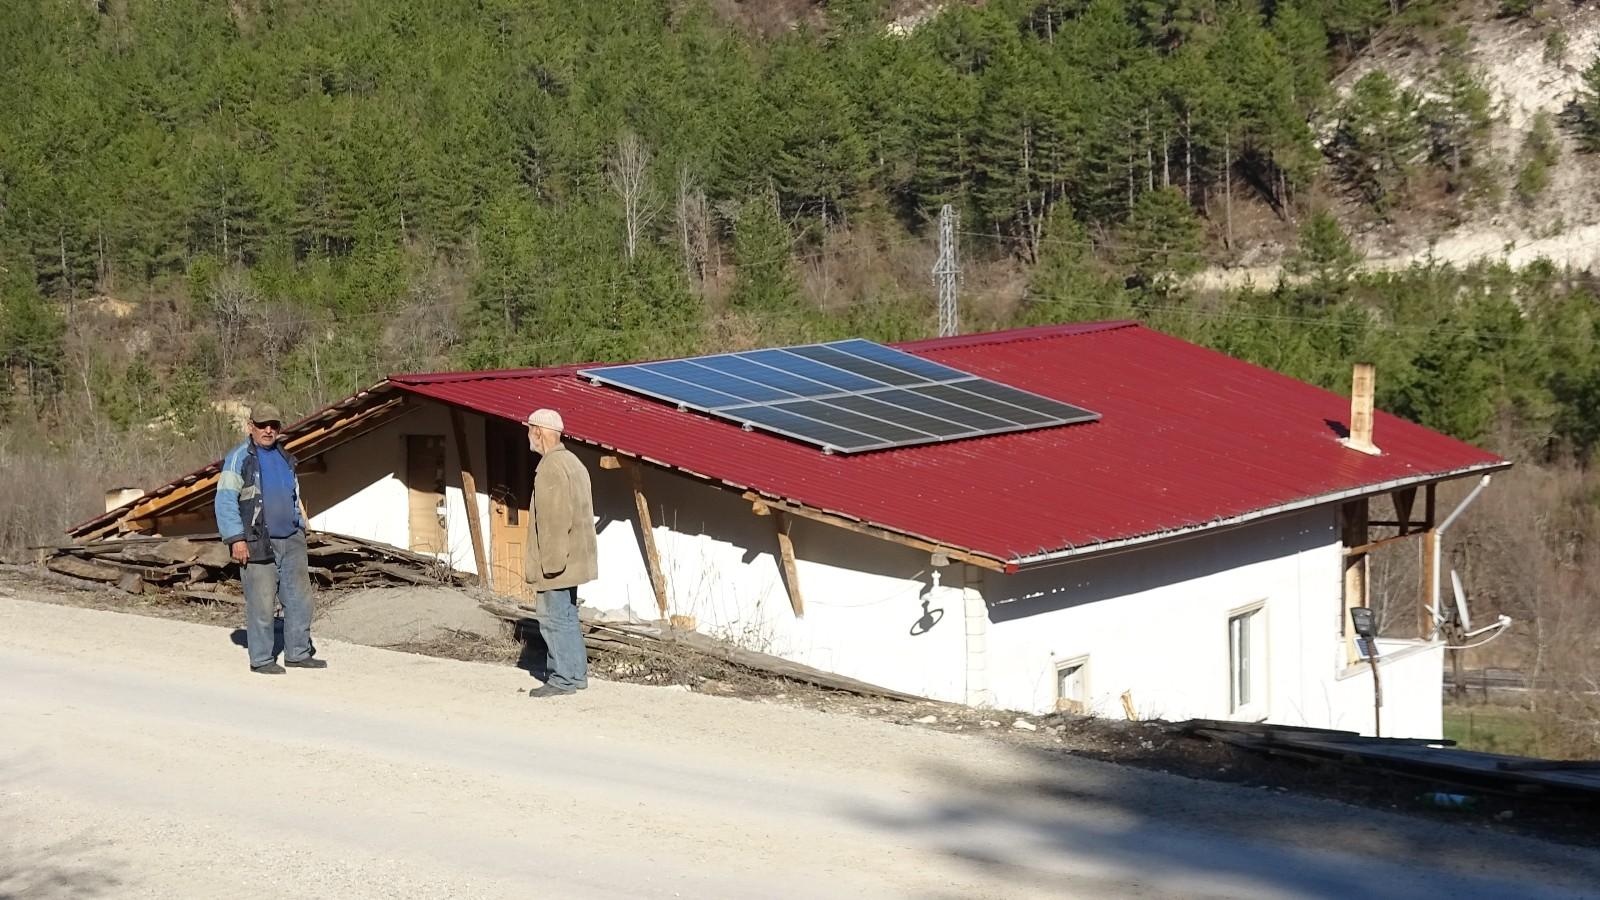 Elektrik hattı parasını fazla bulunca güneş enerjisi paneli kurdu, 3 aydır fatura ödemiyor